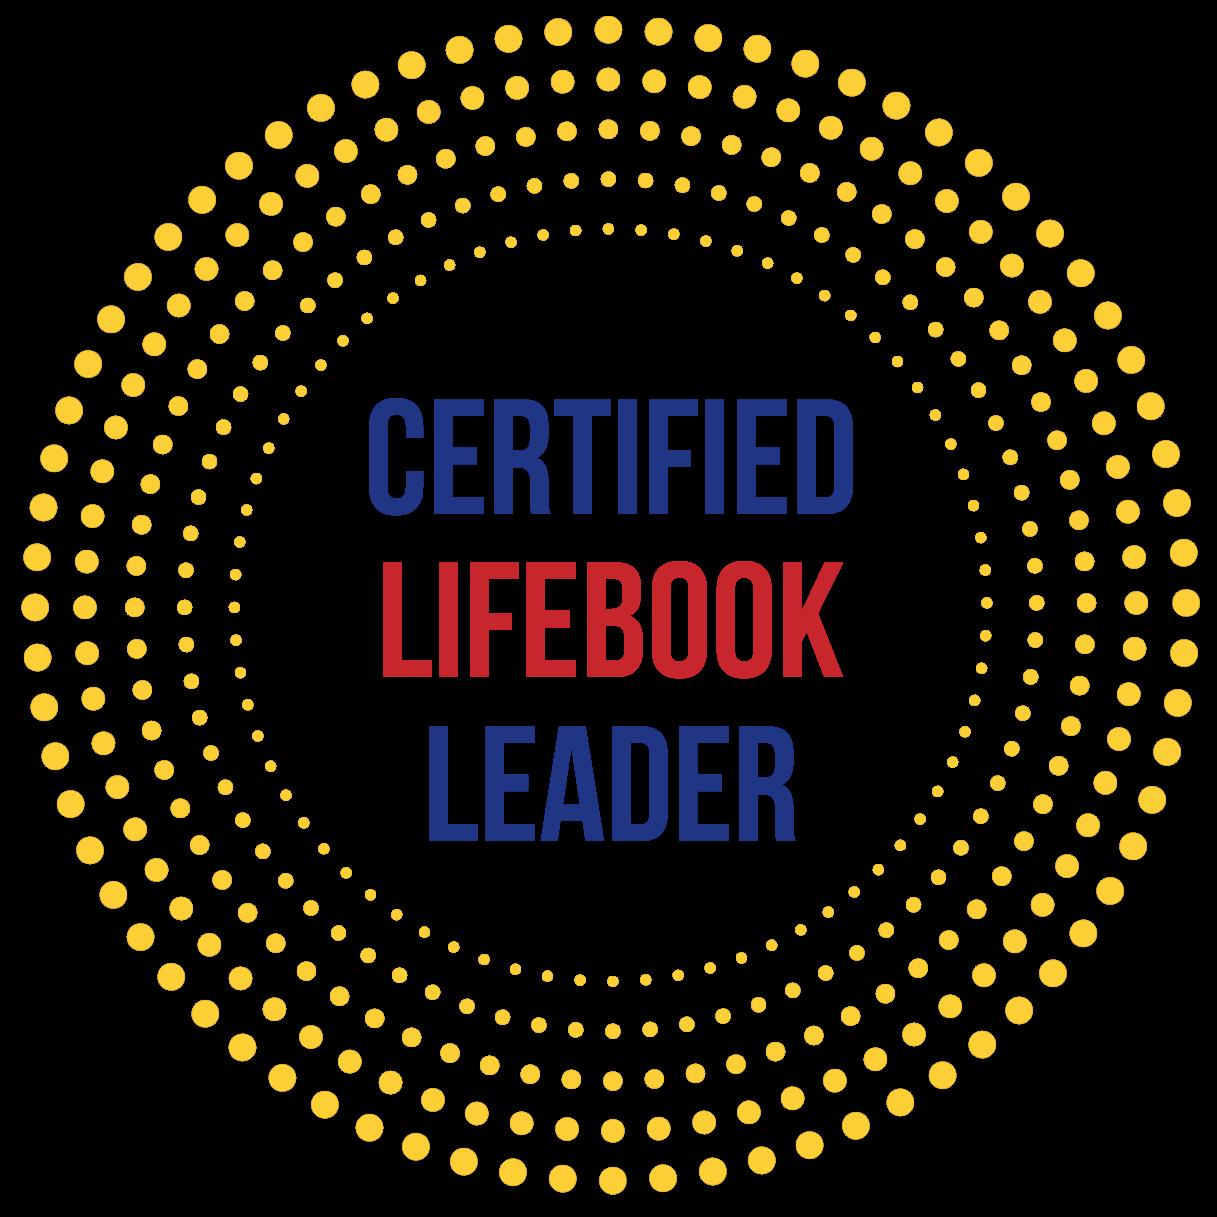 Certified Lifebook Leader badge